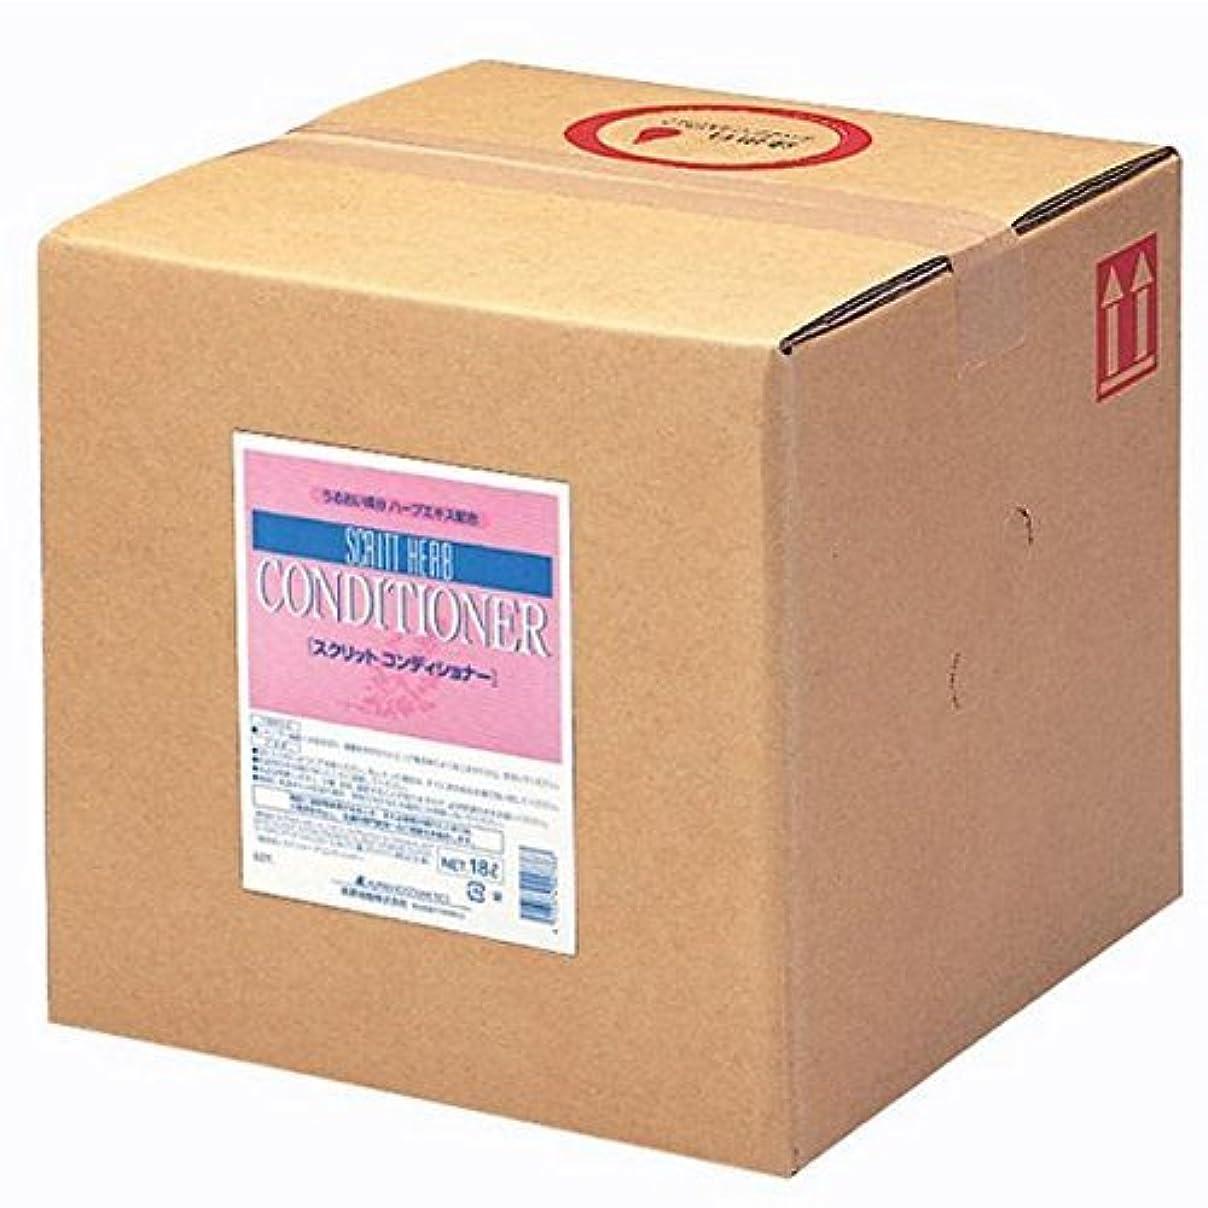 ボス食器棚スライム業務用 スクリット(SCRITT) コンディショナー 18L 熊野油脂 (コック付き)